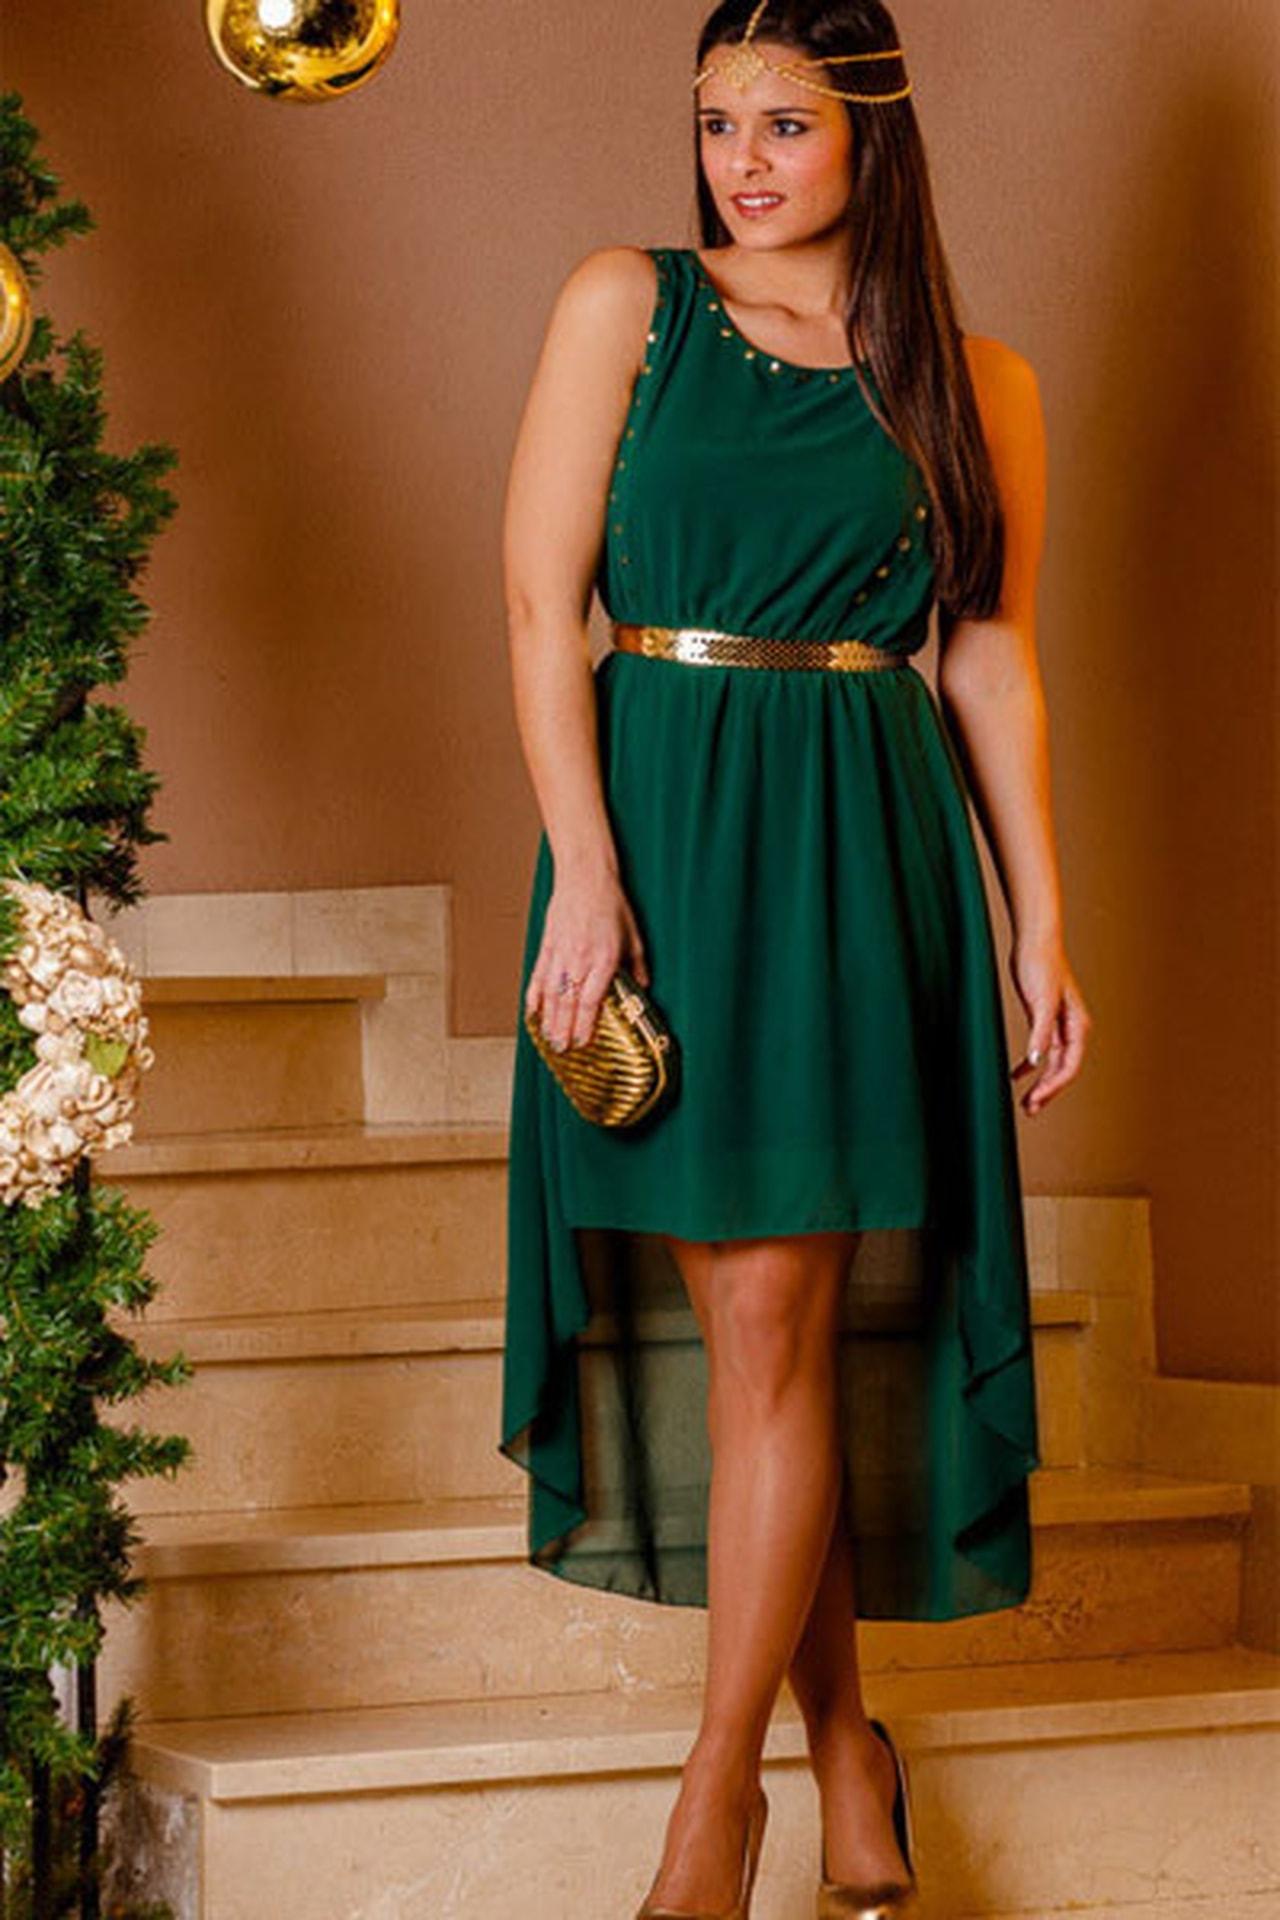 بالصور فساتين باللون الاخضر , اجمل الاطلالات بفساتين لونها اخضر غاية في الجمال 5663 5